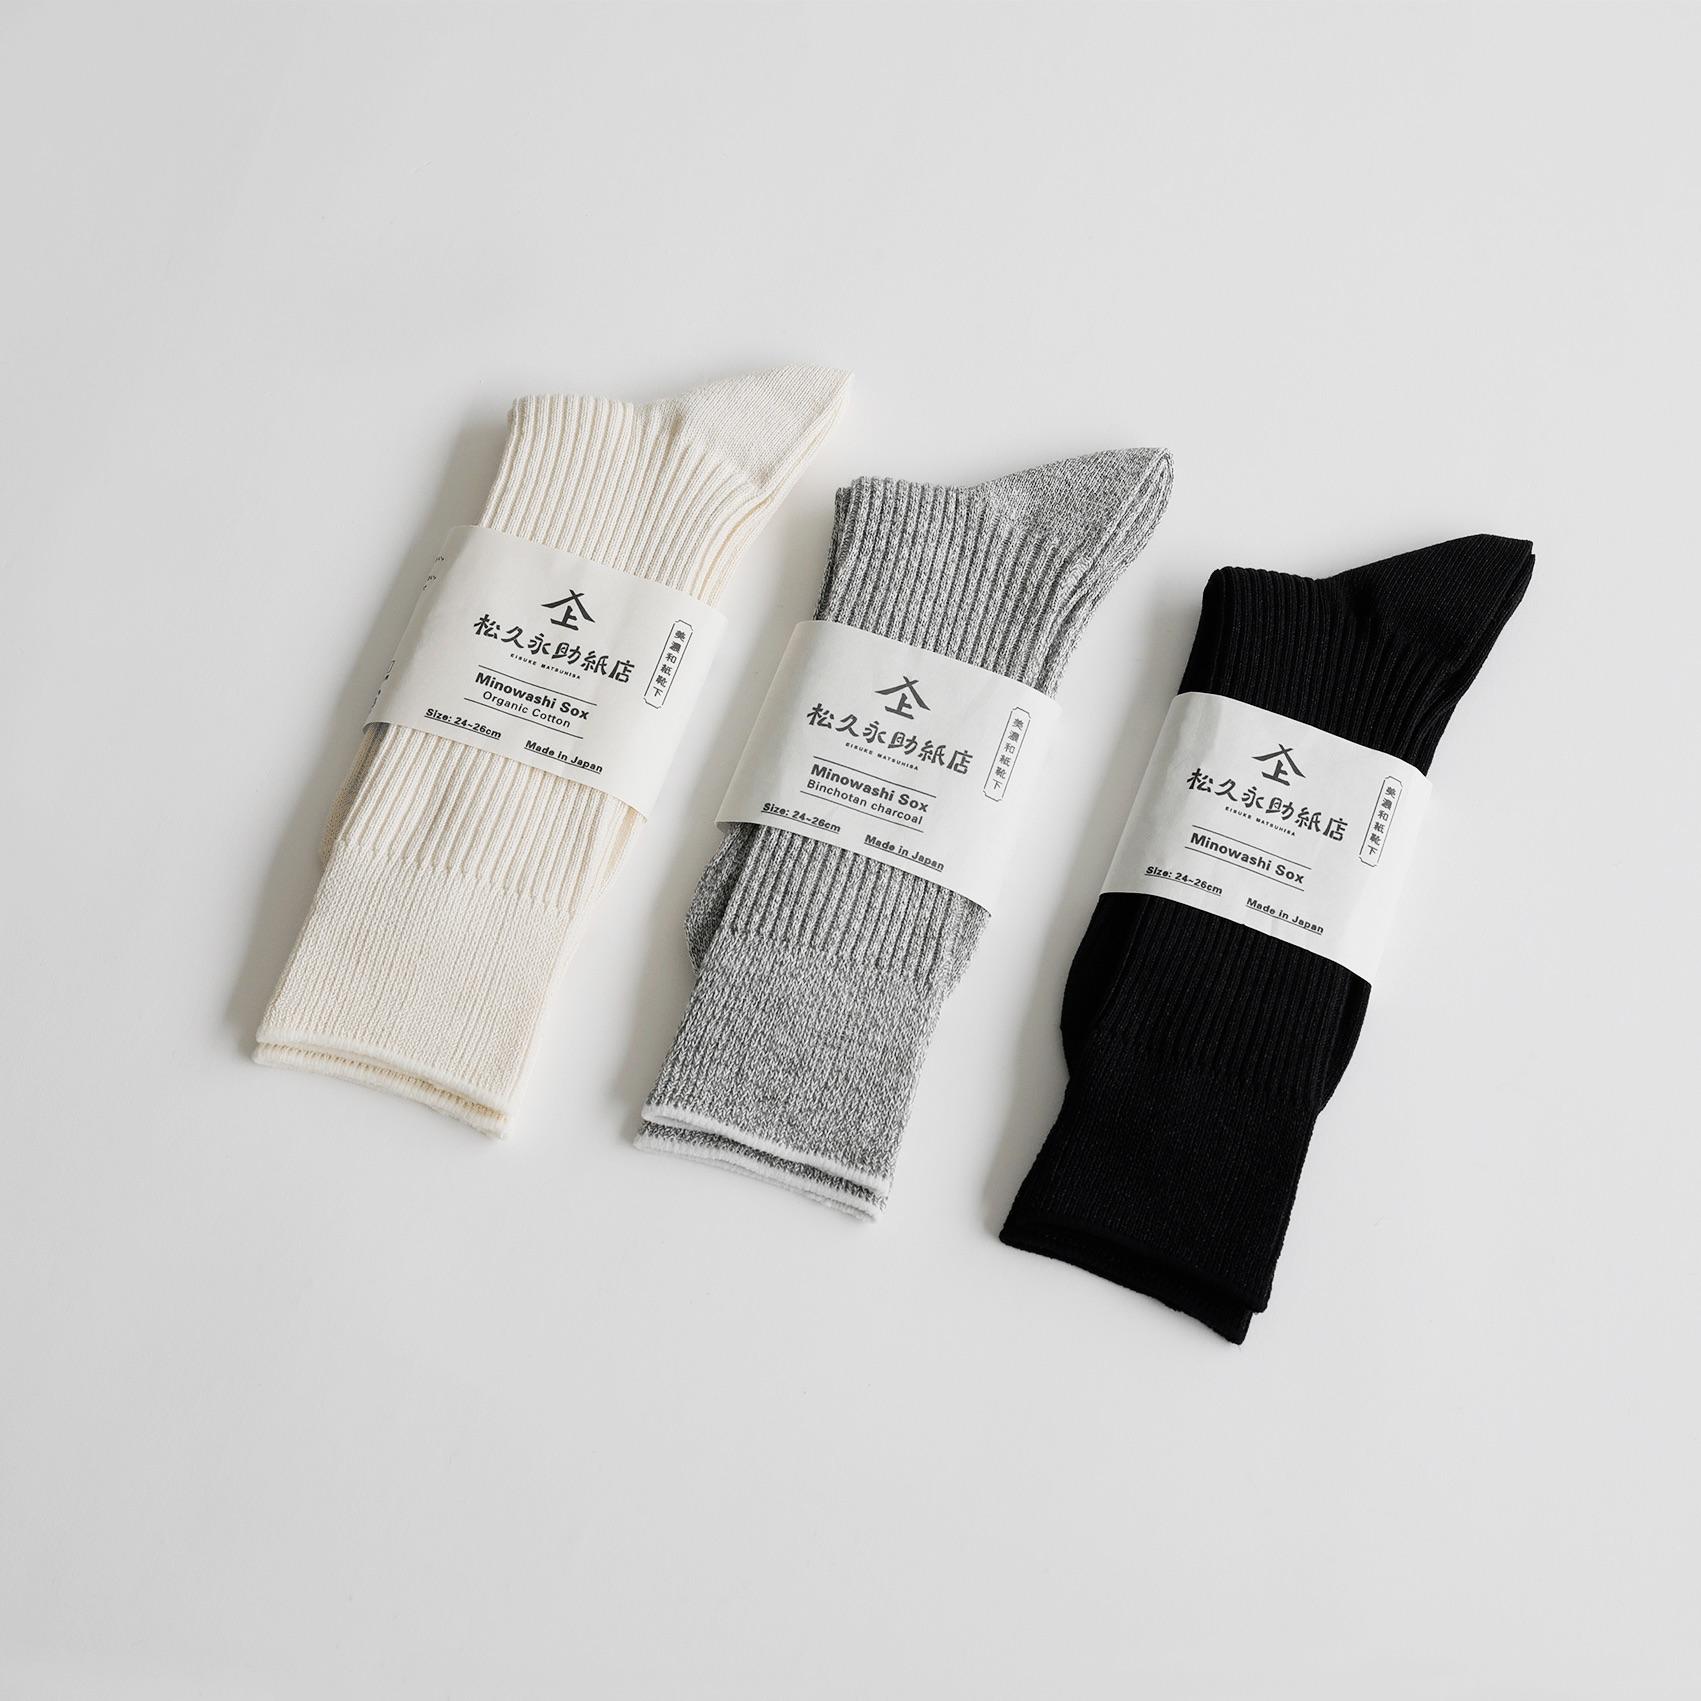 夏の足蒸れやニオイにも。和紙でできた[松久永助紙店]の美濃和紙靴下は最高のデオドラントに